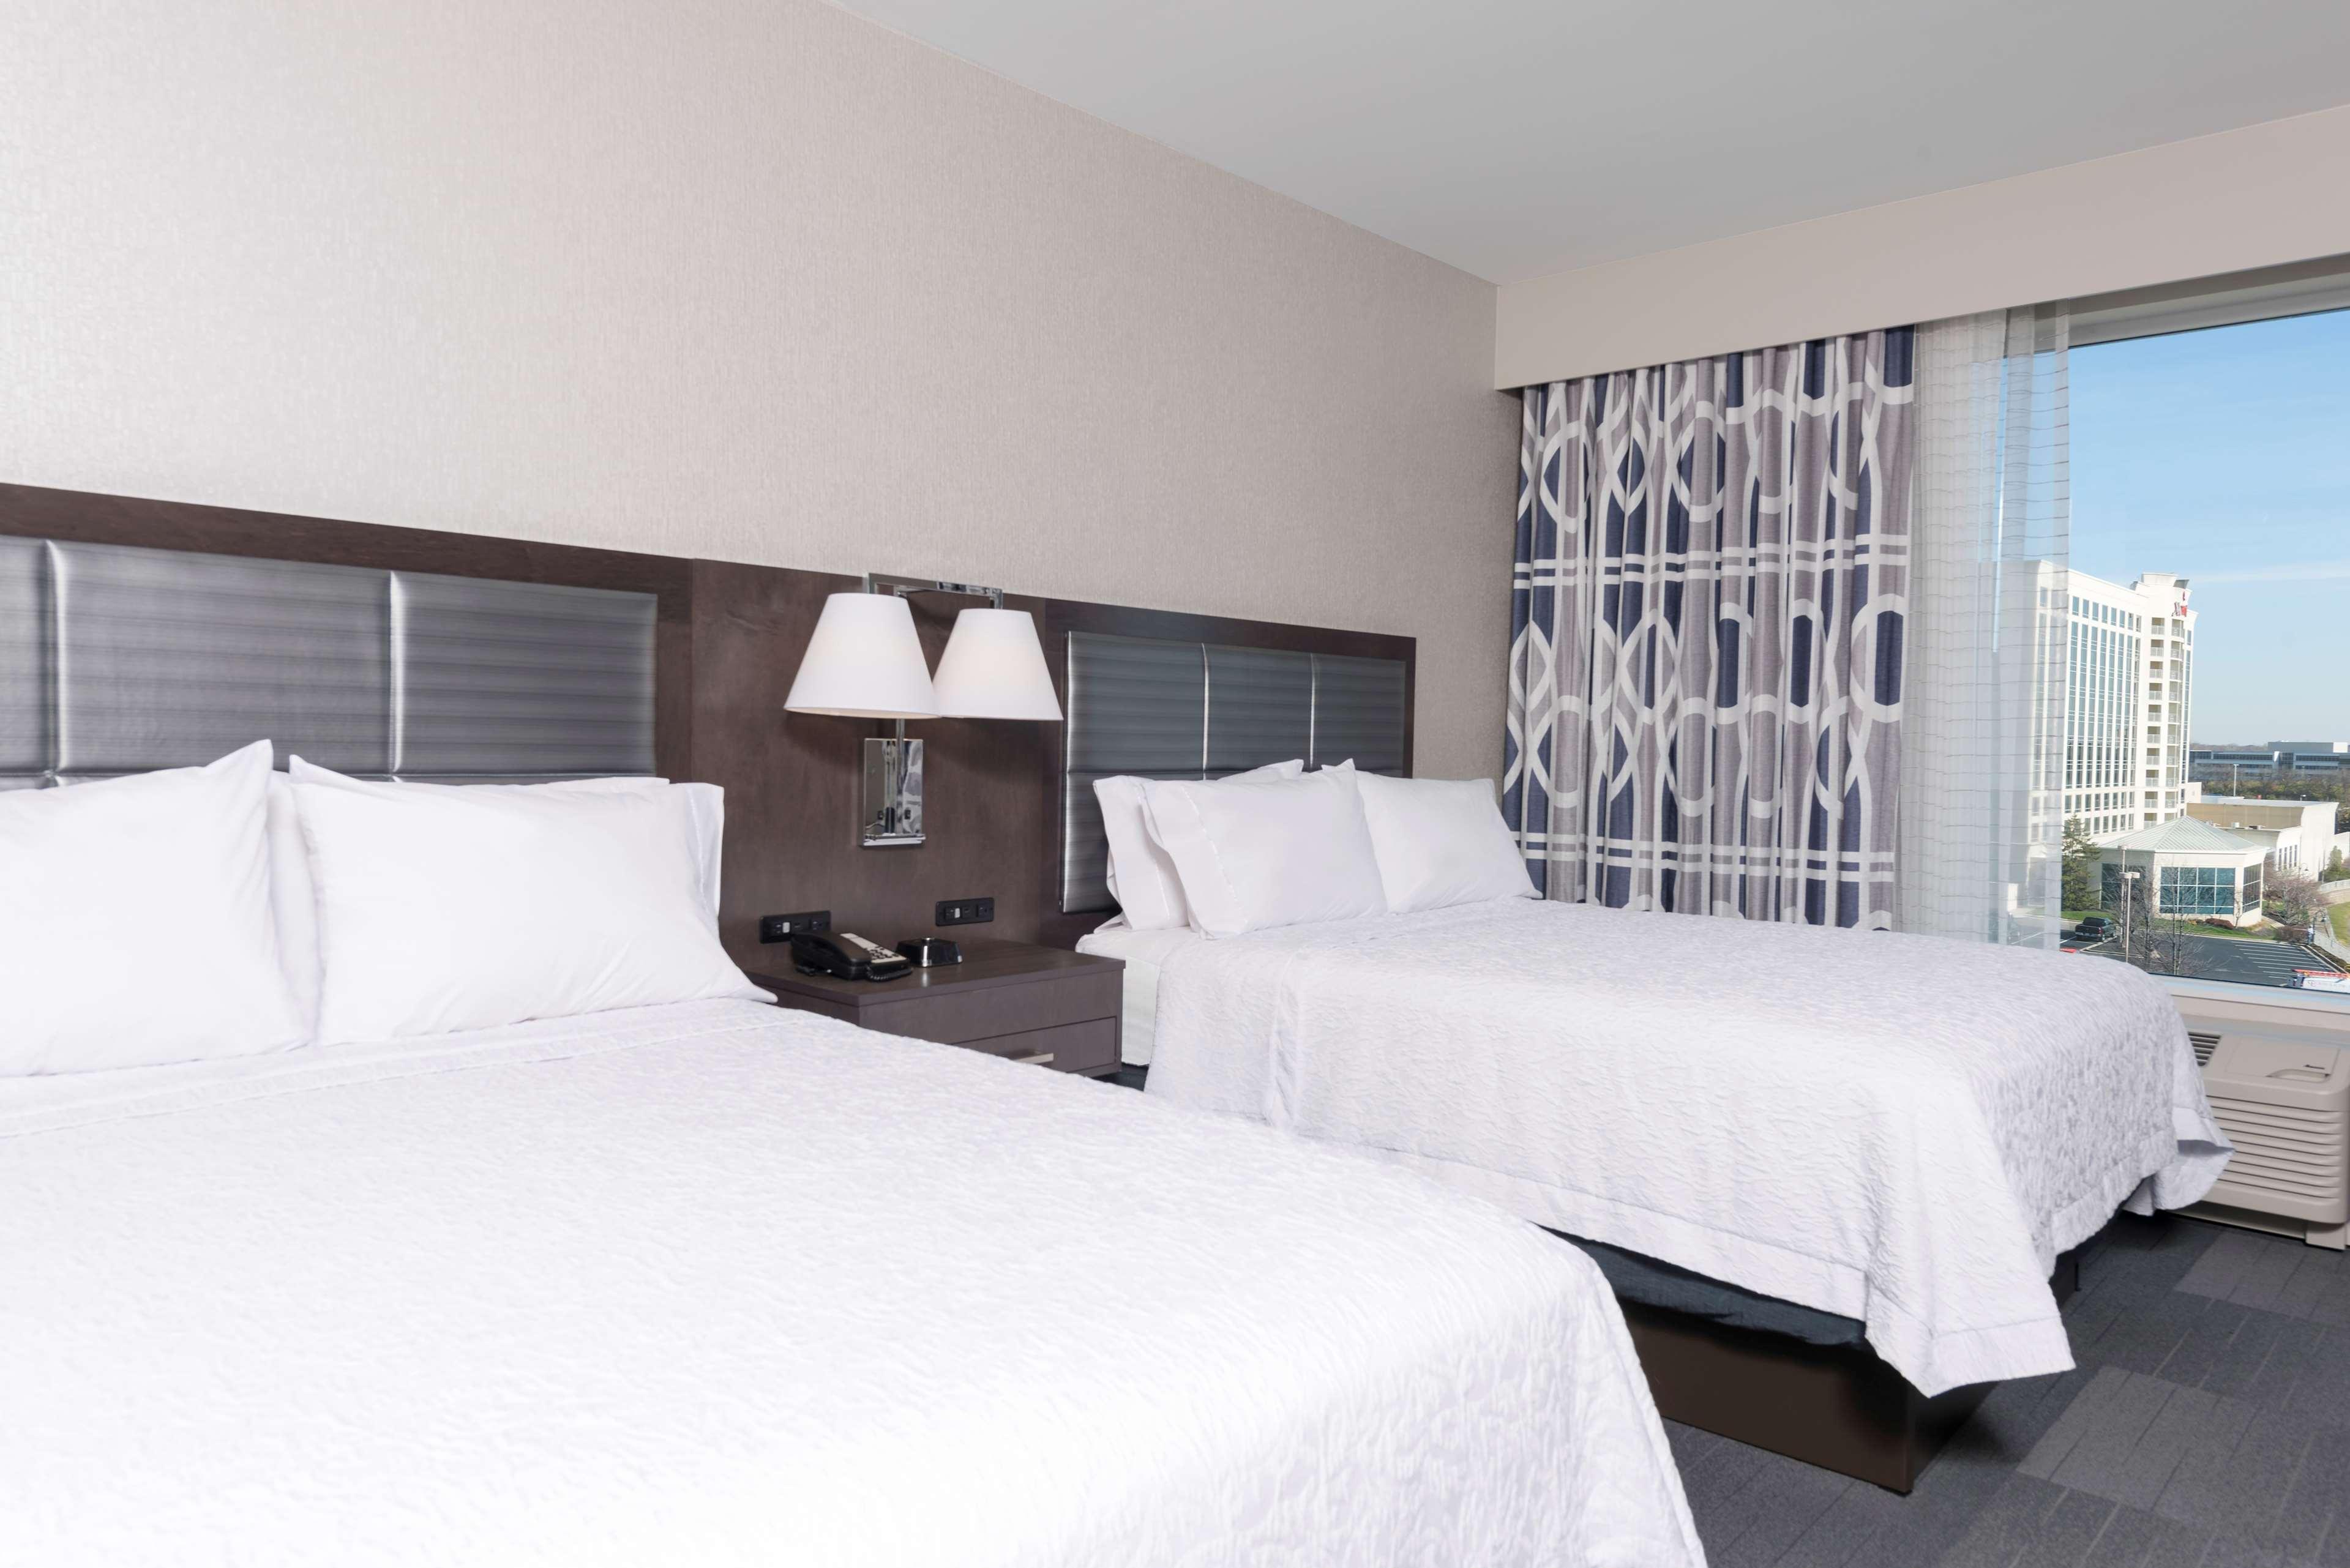 Hampton Inn & Suites Indianapolis-Keystone image 1